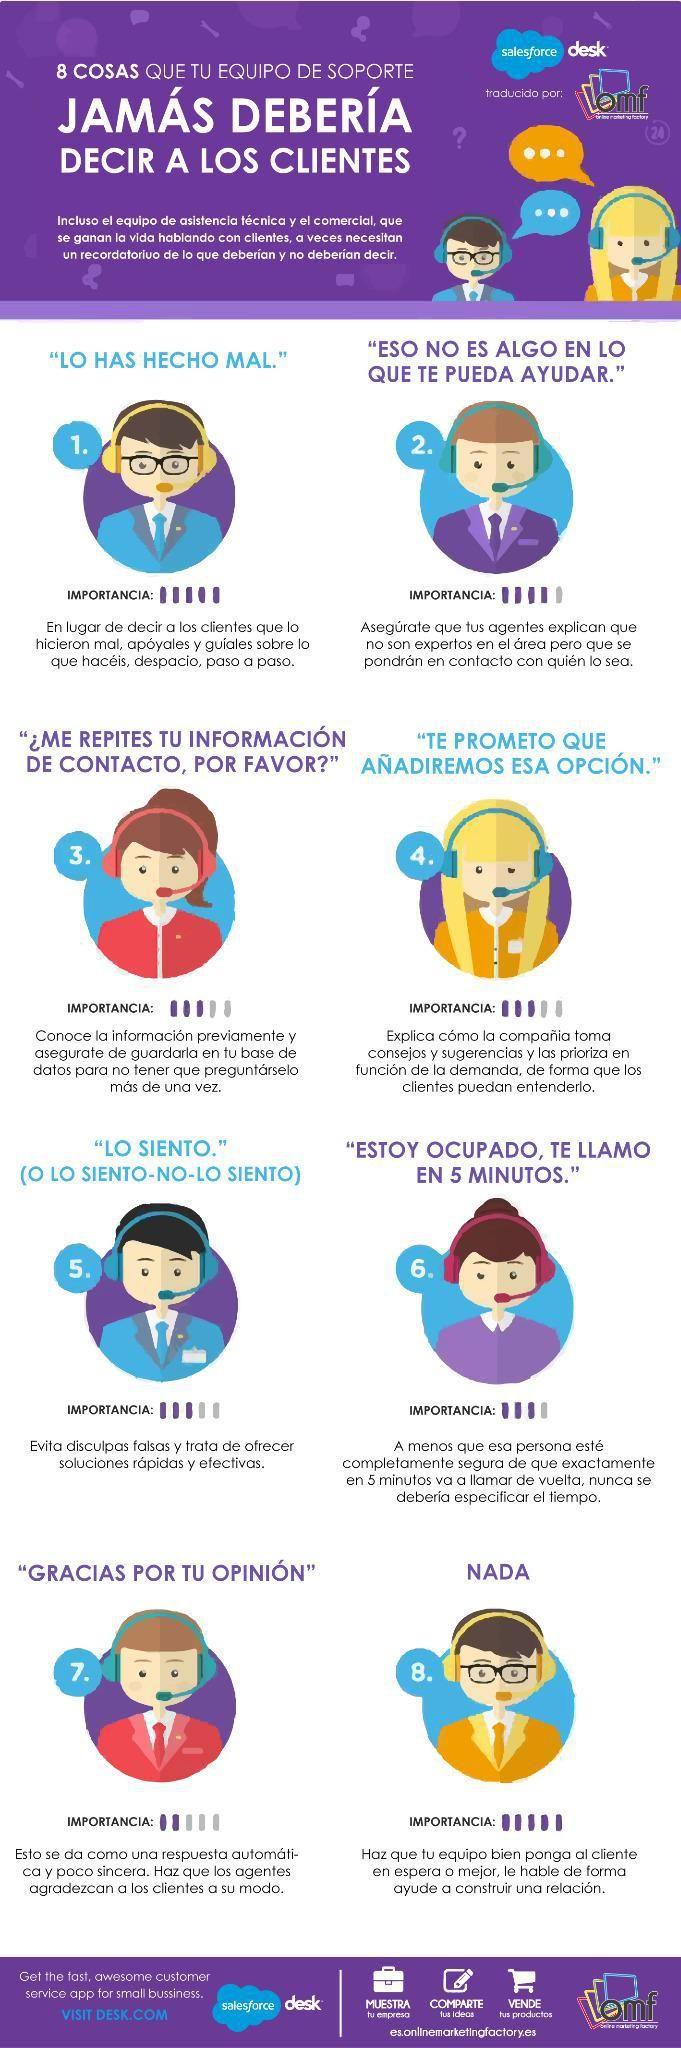 8 cosas que atención al cliente (soporte) nunca debe decir #infografia #infographic #marketing